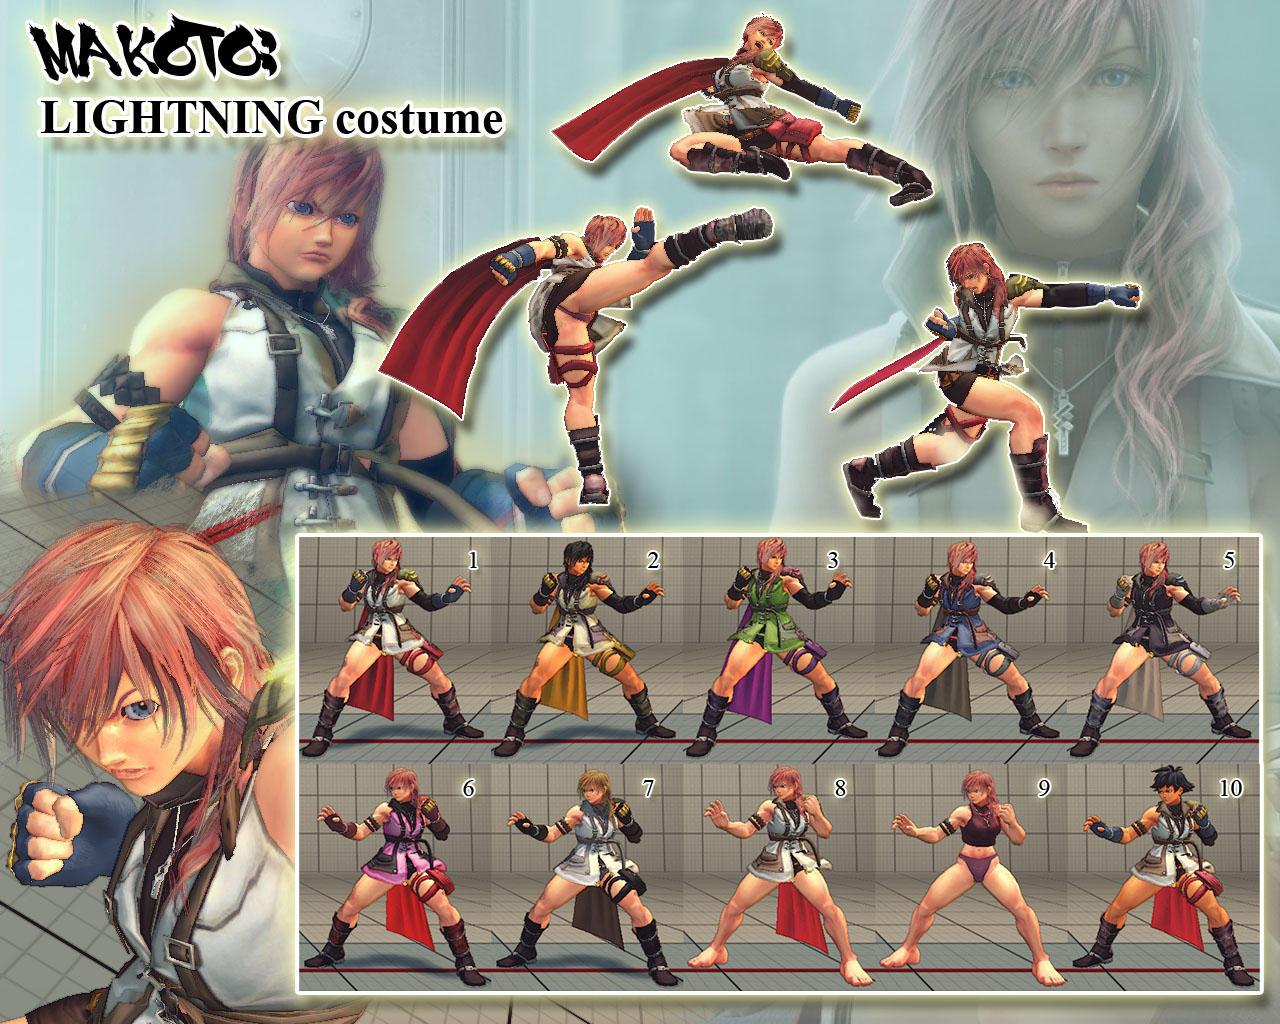 SSF4AE Makoto: Lightning (FFXIII) costume v1.5 by sloth85